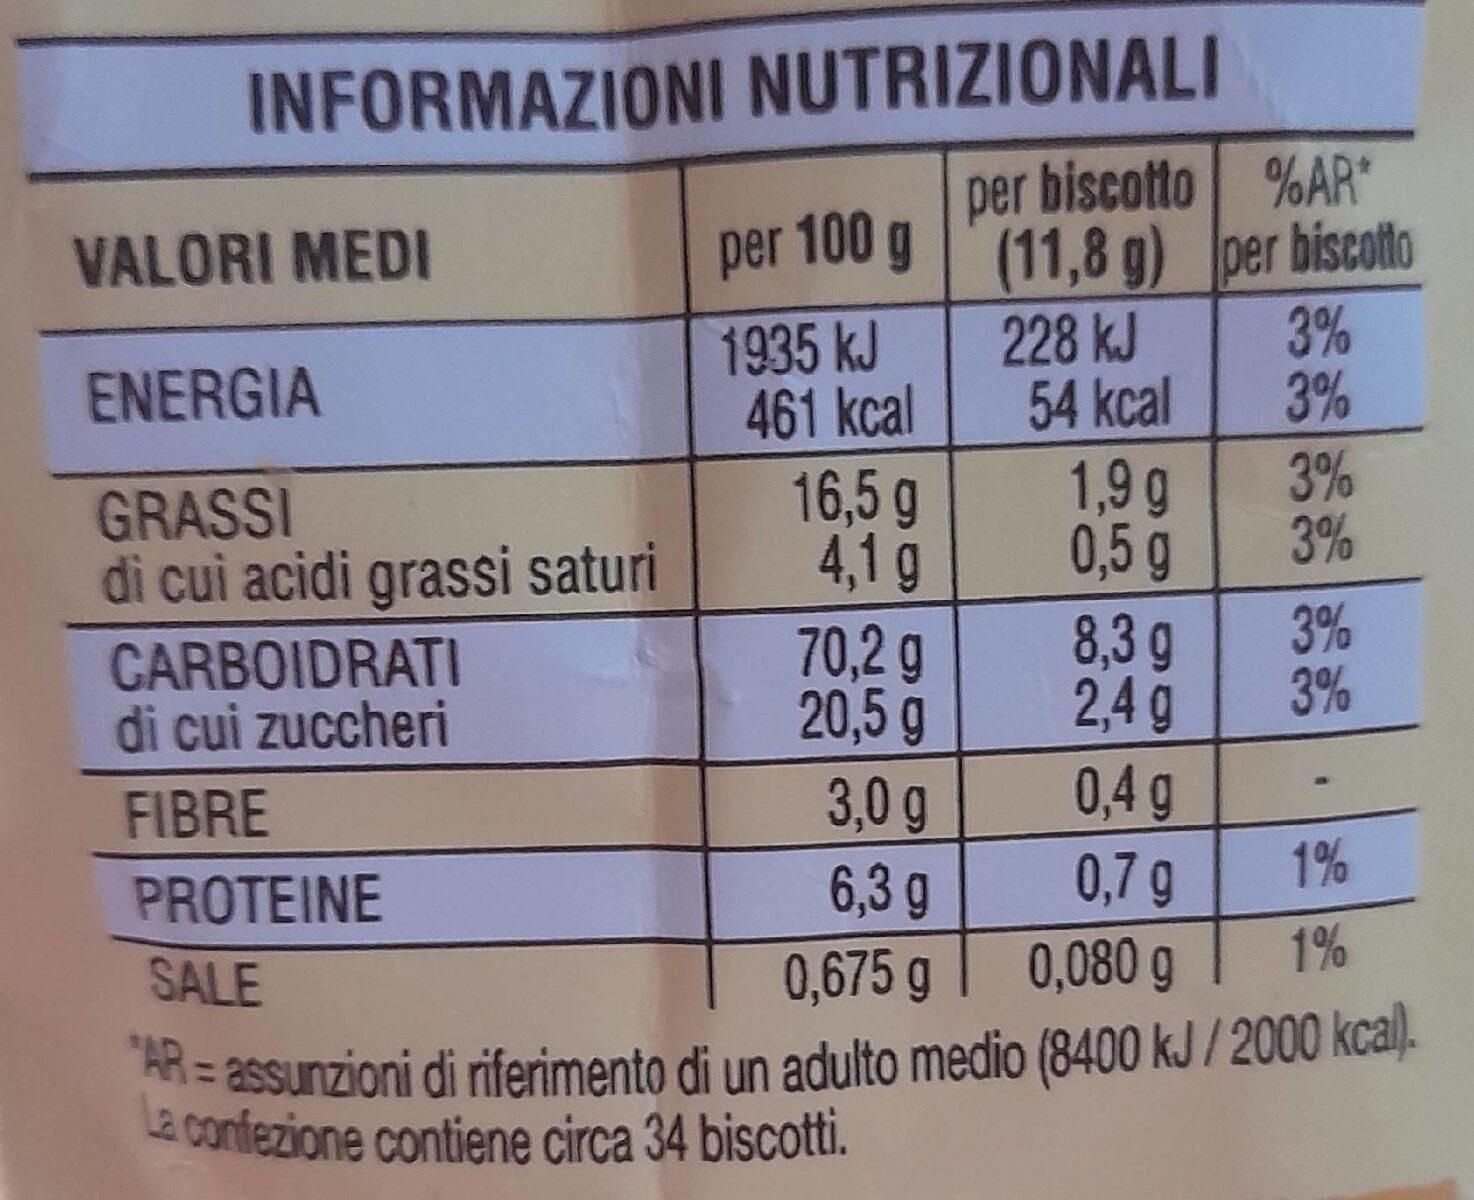 Spicchi di sole dorati al forno - Informations nutritionnelles - fr